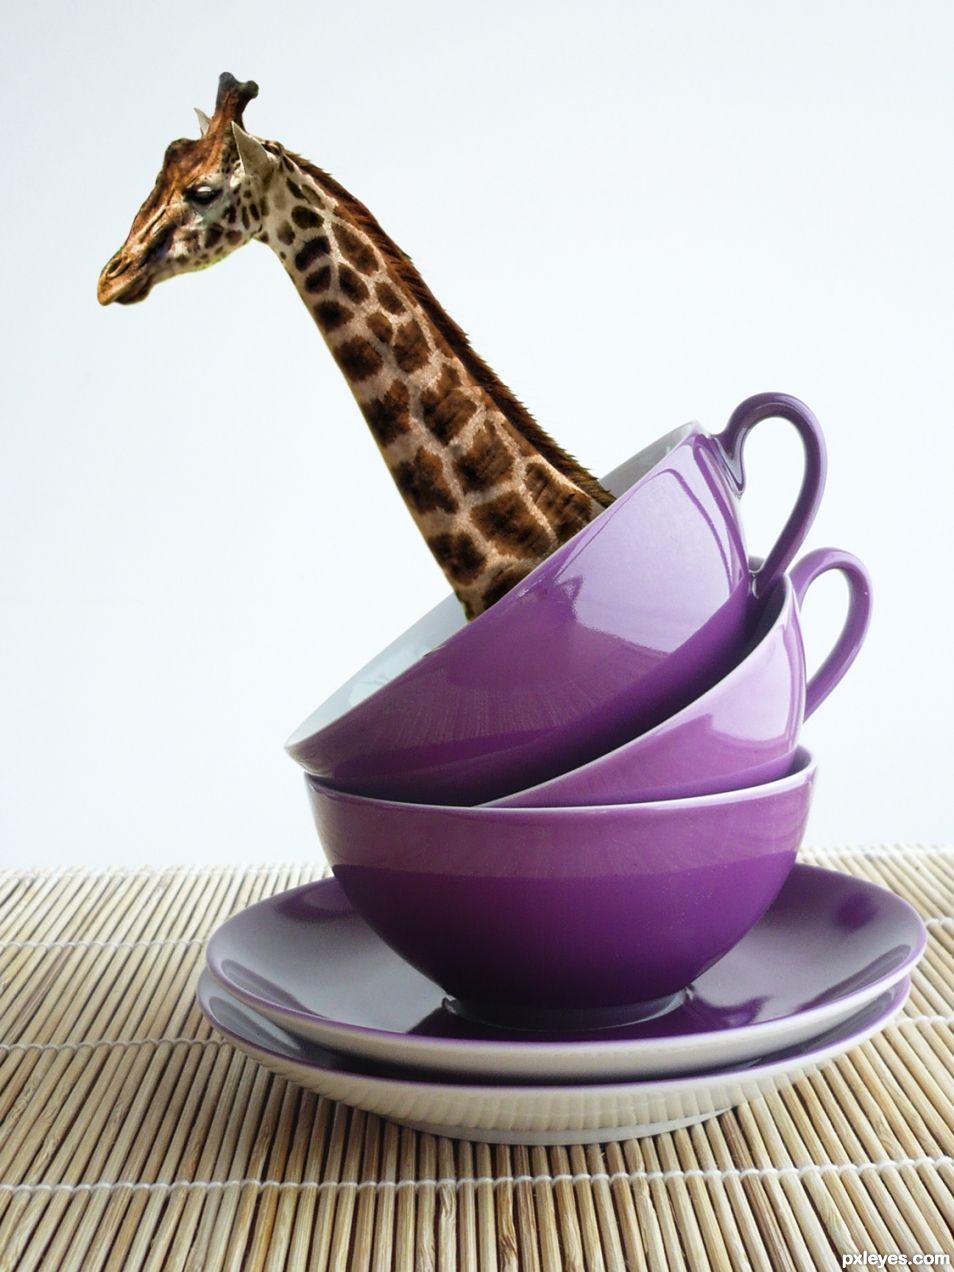 Giraffe Tea